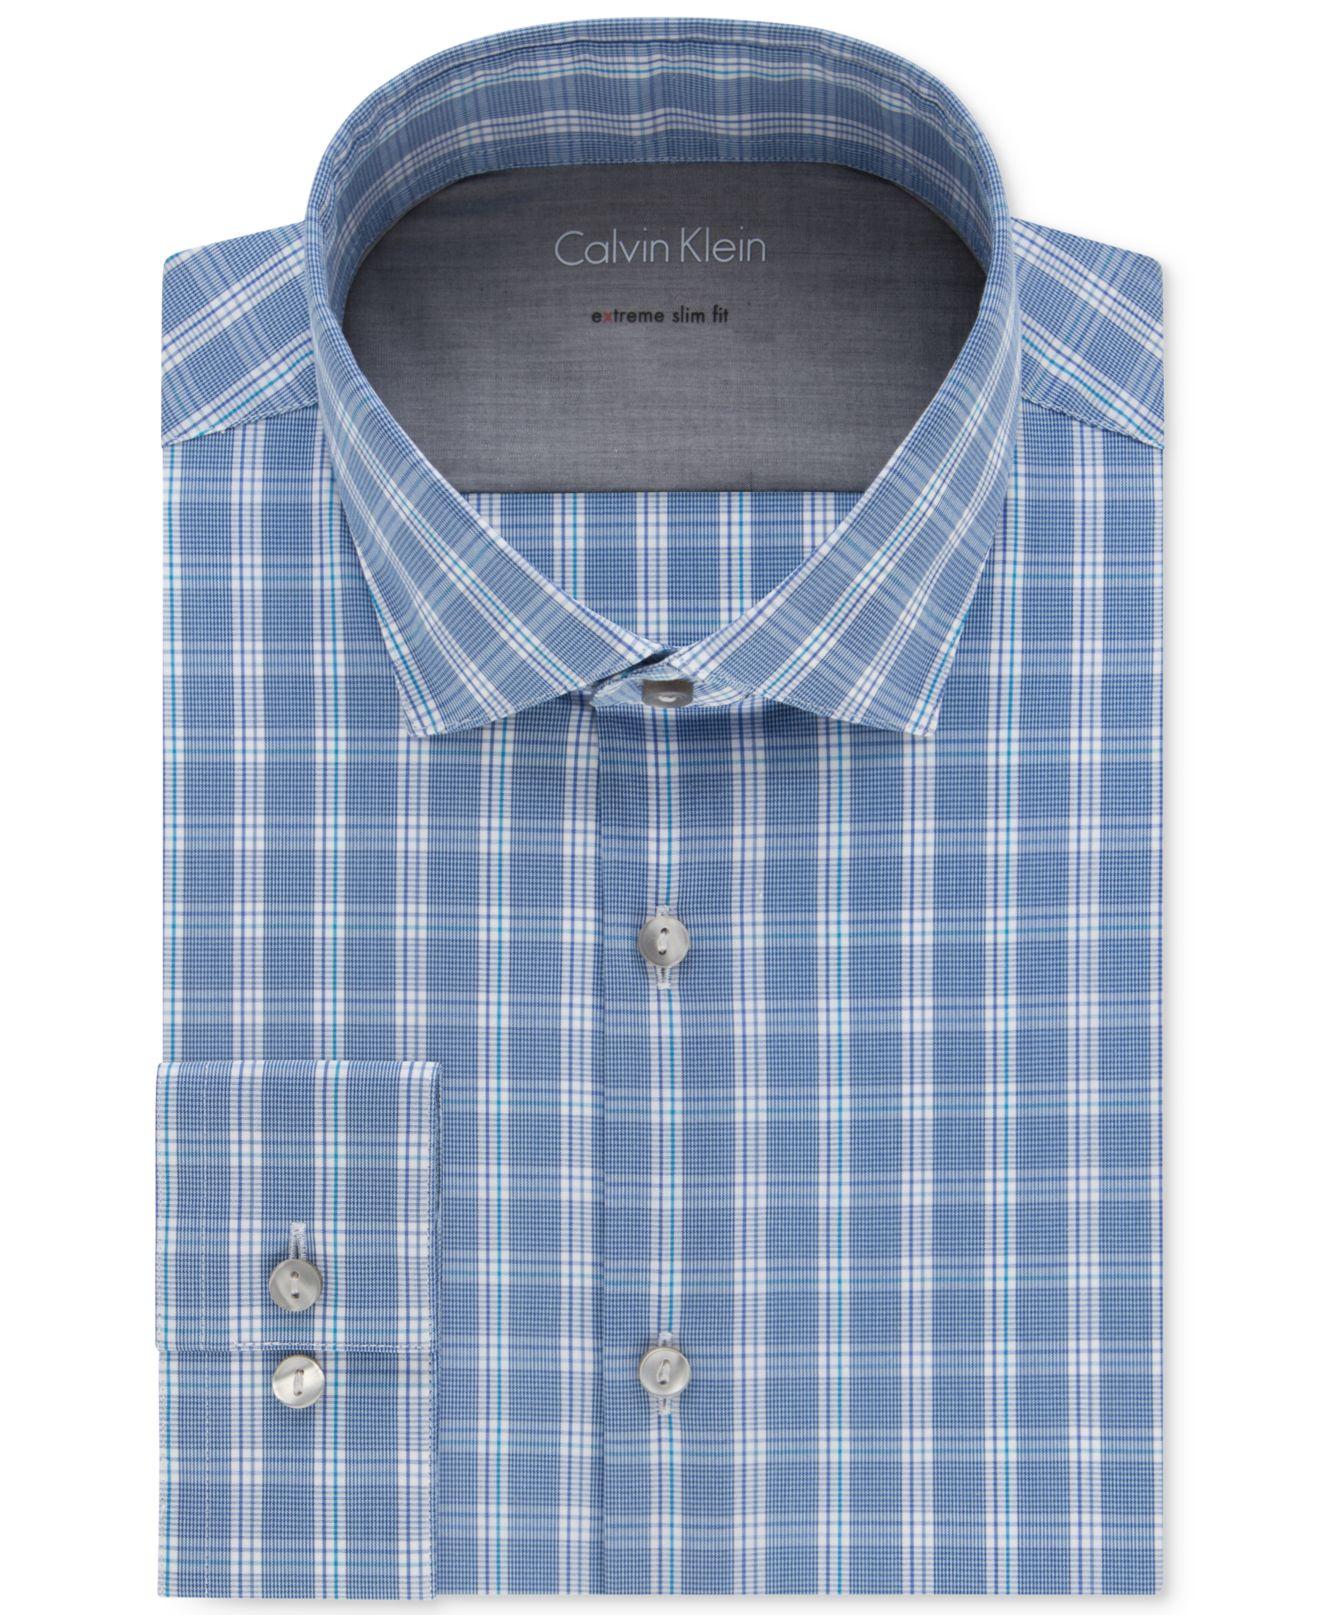 Calvin klein men 39 s x extra slim fit stretch bright blue for Calvin klein slim fit stretch shirt